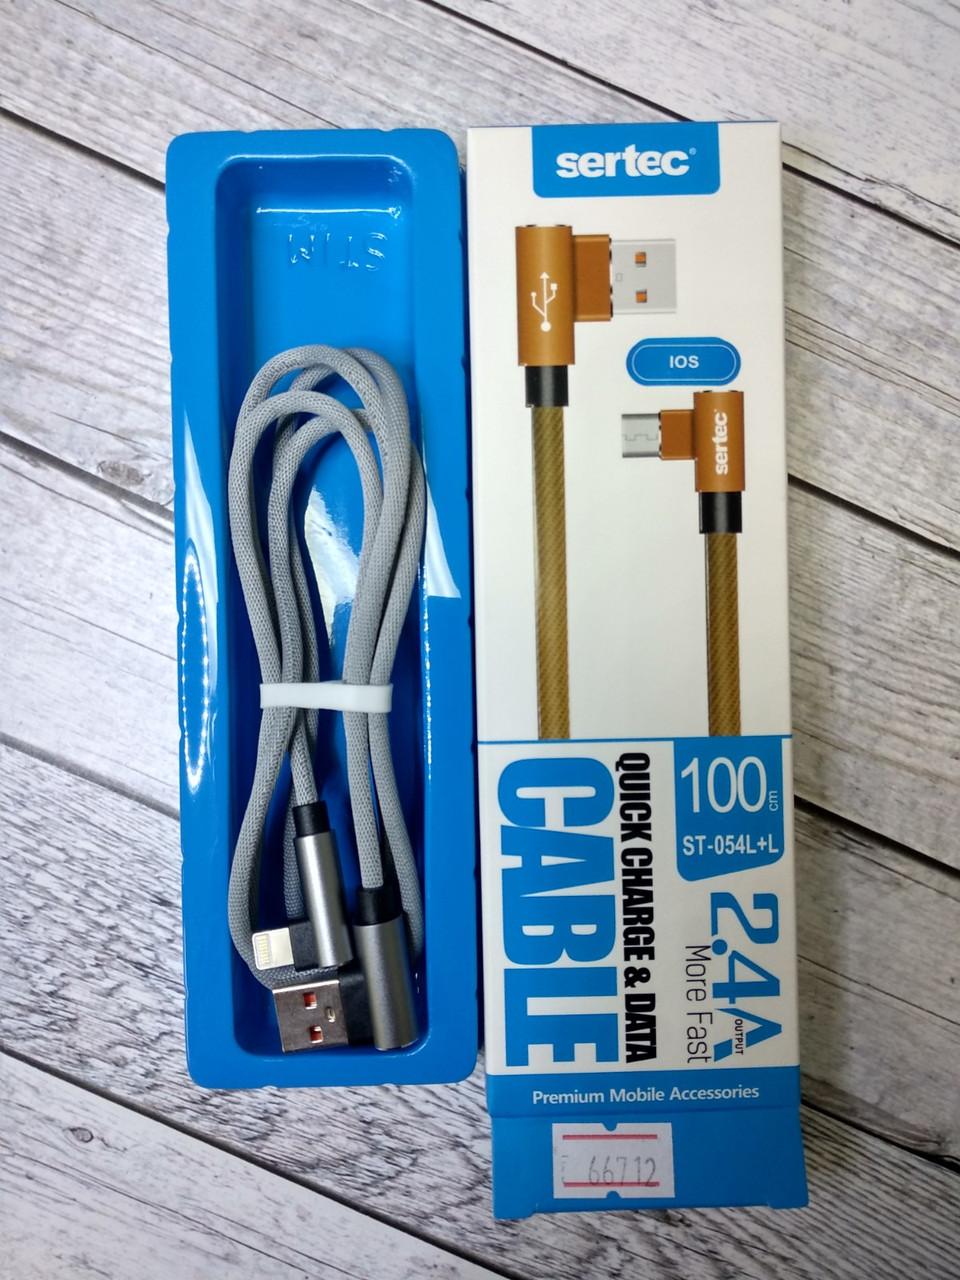 Кабель Usb-cable iPhone Sertec ST-054L+L 2.4A 1m (Г-образный, метал. коннектор, круглый) Grey